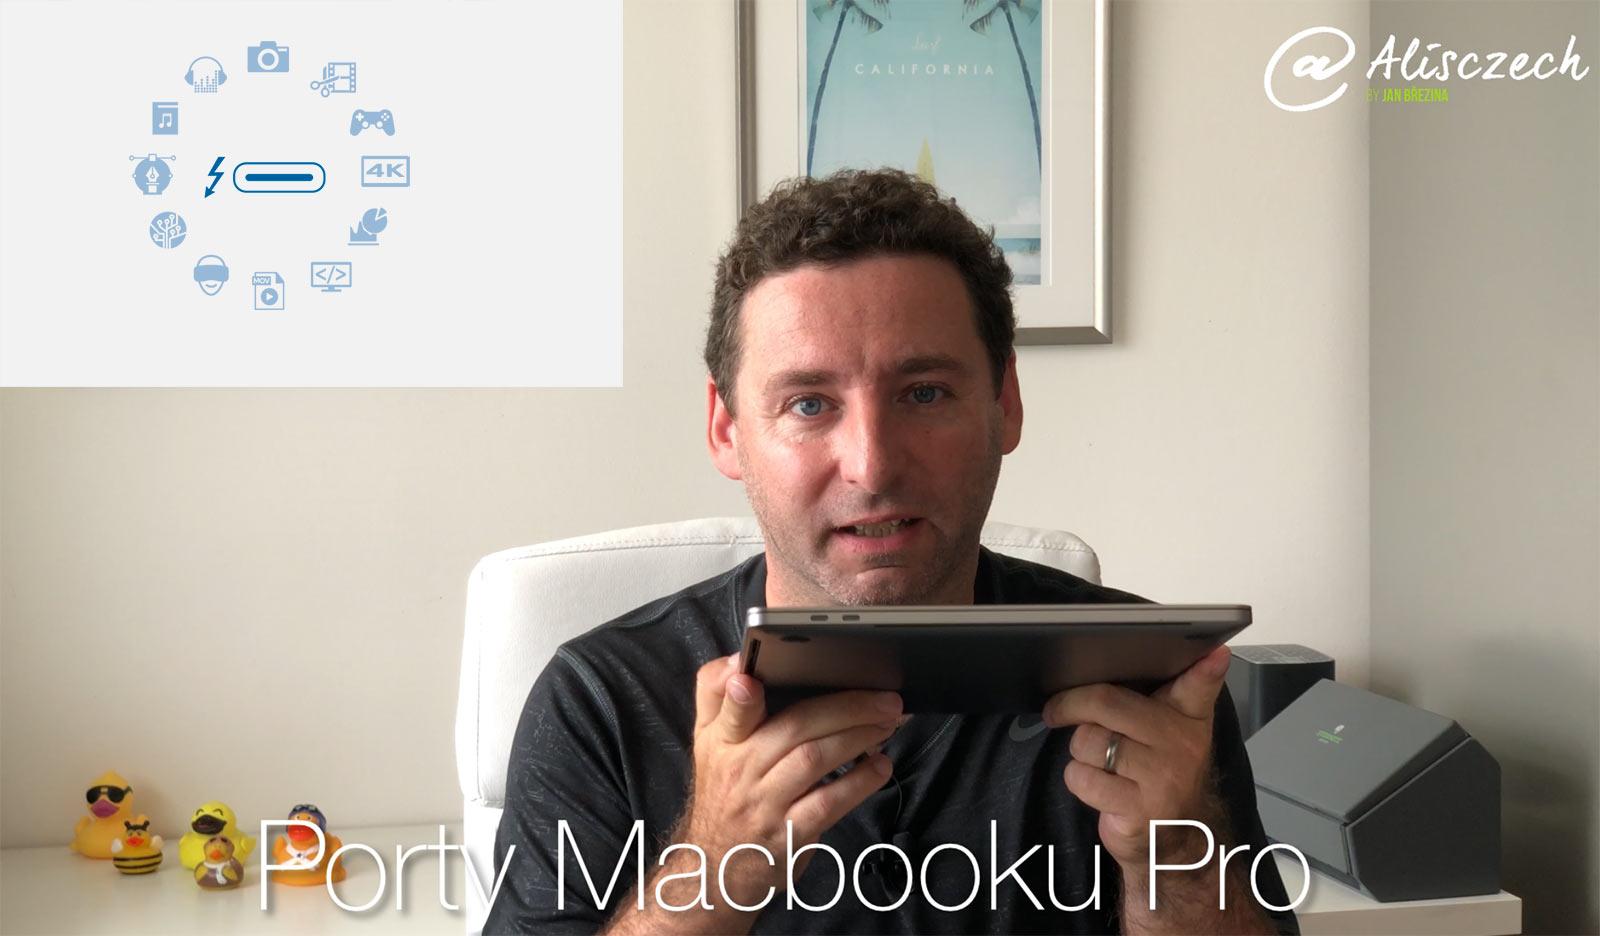 Porty Macbooků Pro